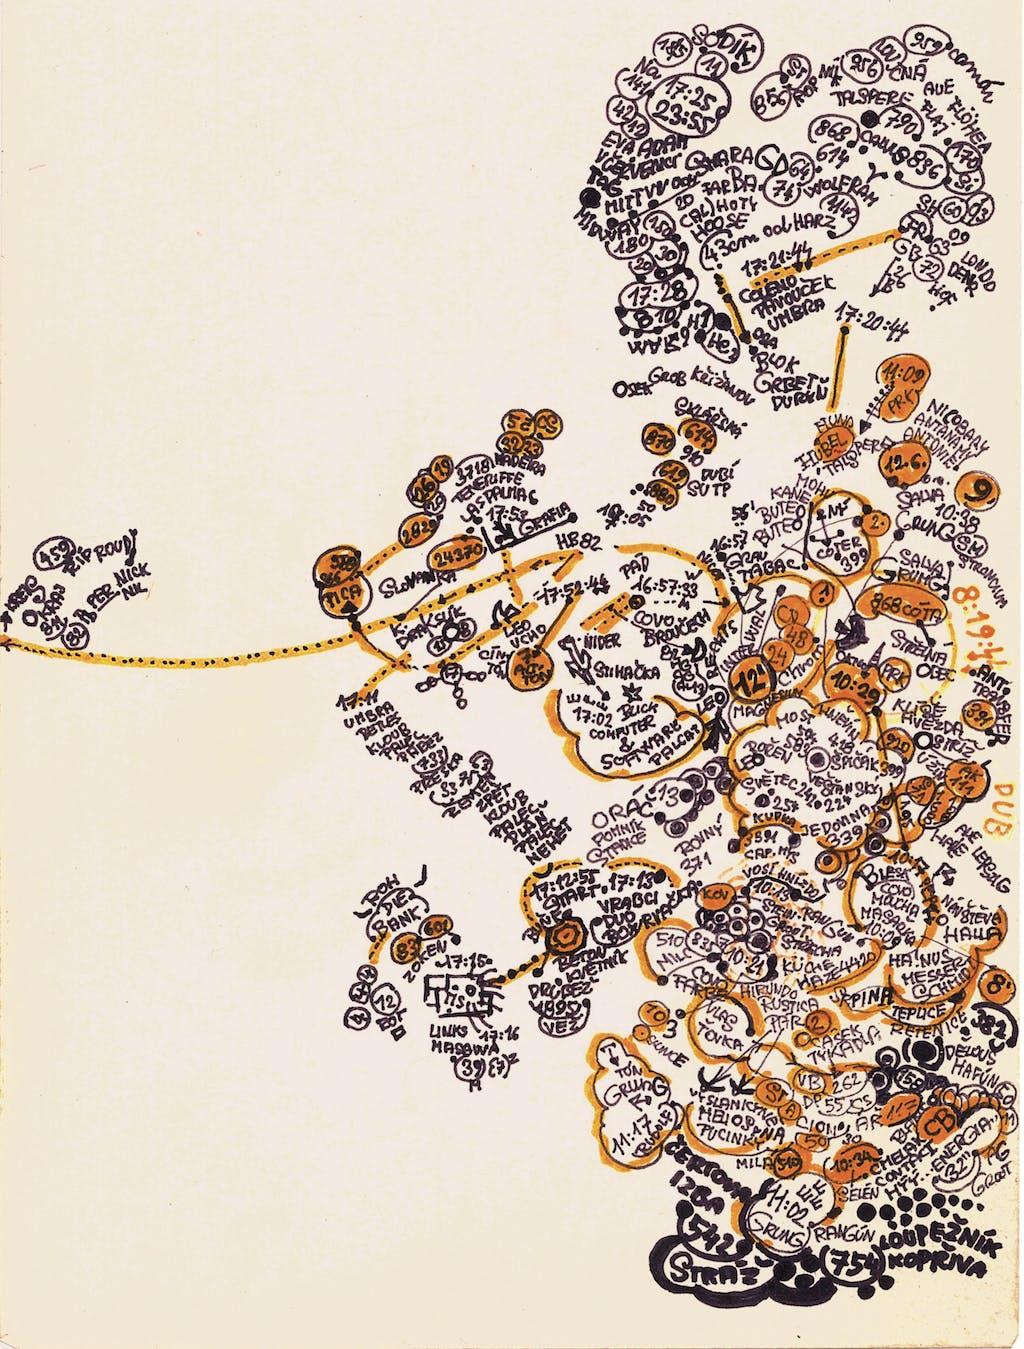 Zdenek Kosek, *sans titre*, circa 1985. encre et marqueur sur papier, 19.3 x 14.7 cm - © christian berst — art brut